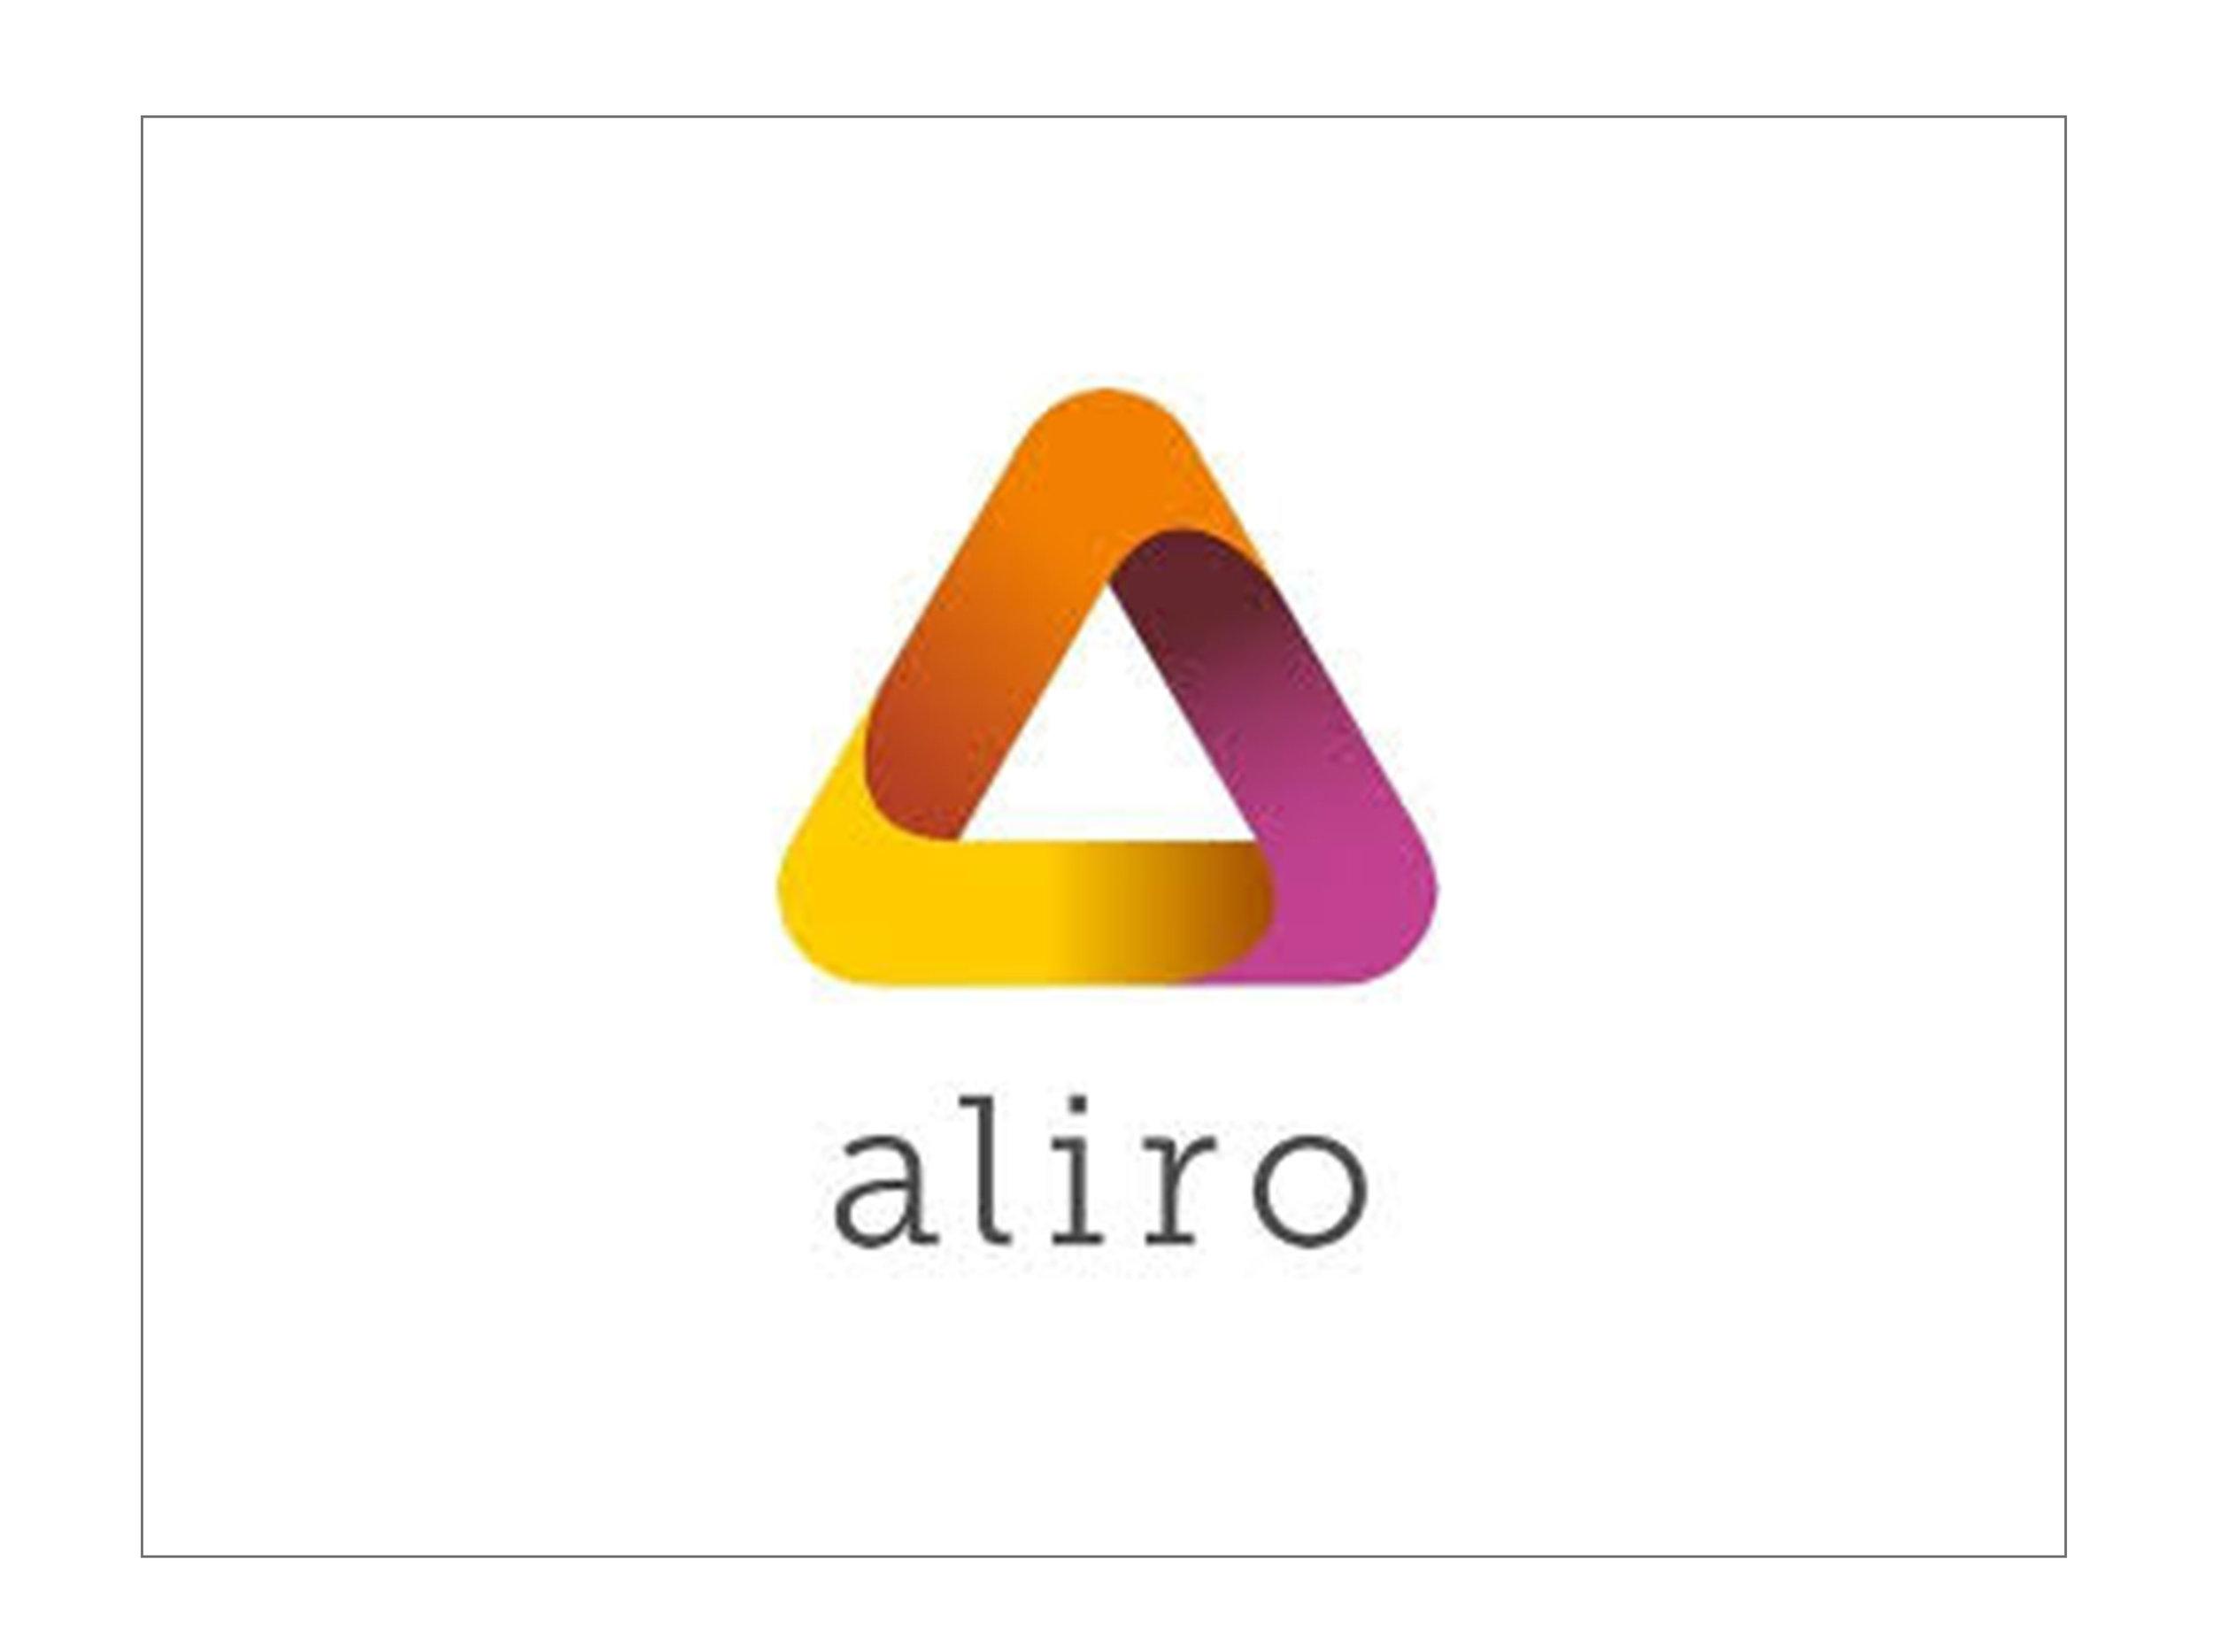 aliro2.jpg